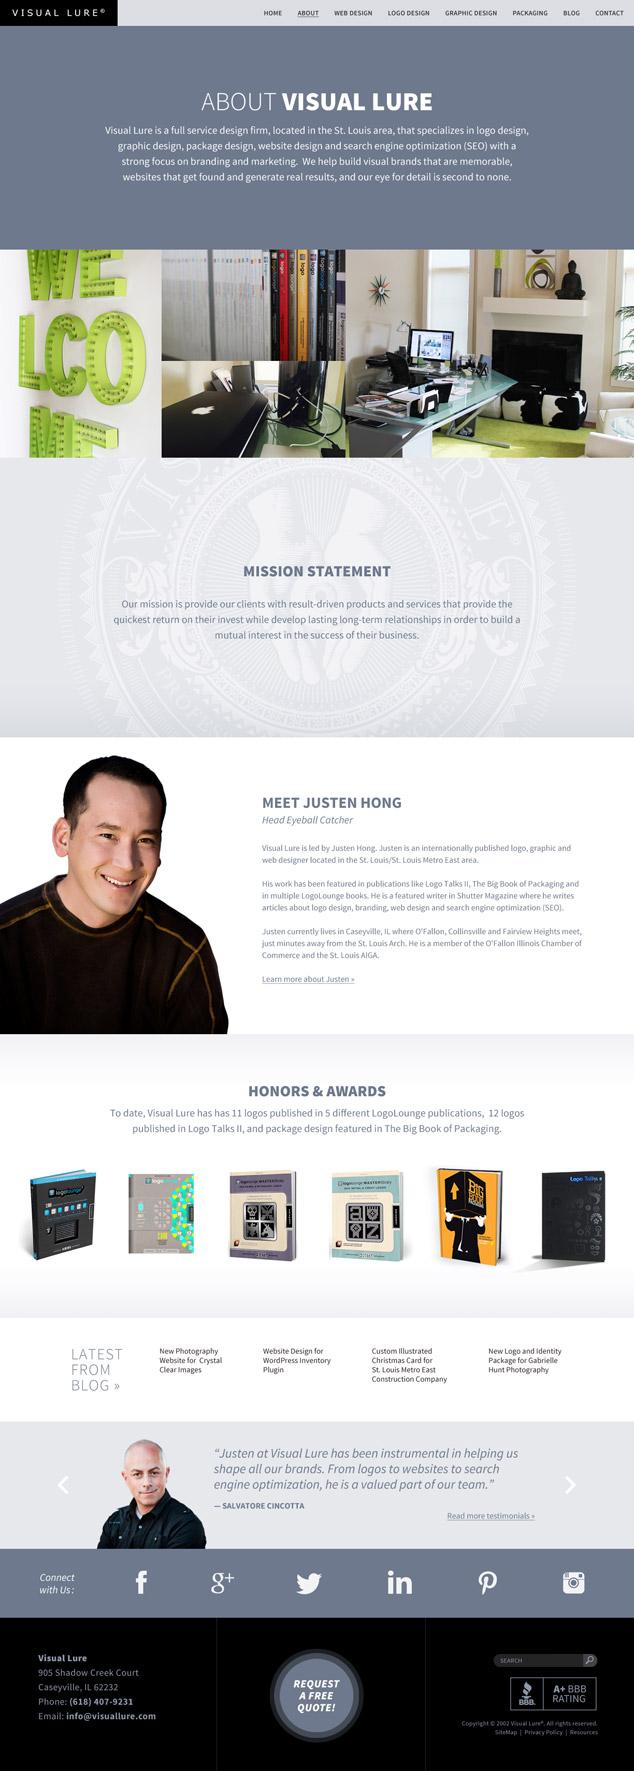 VL-web-design-about